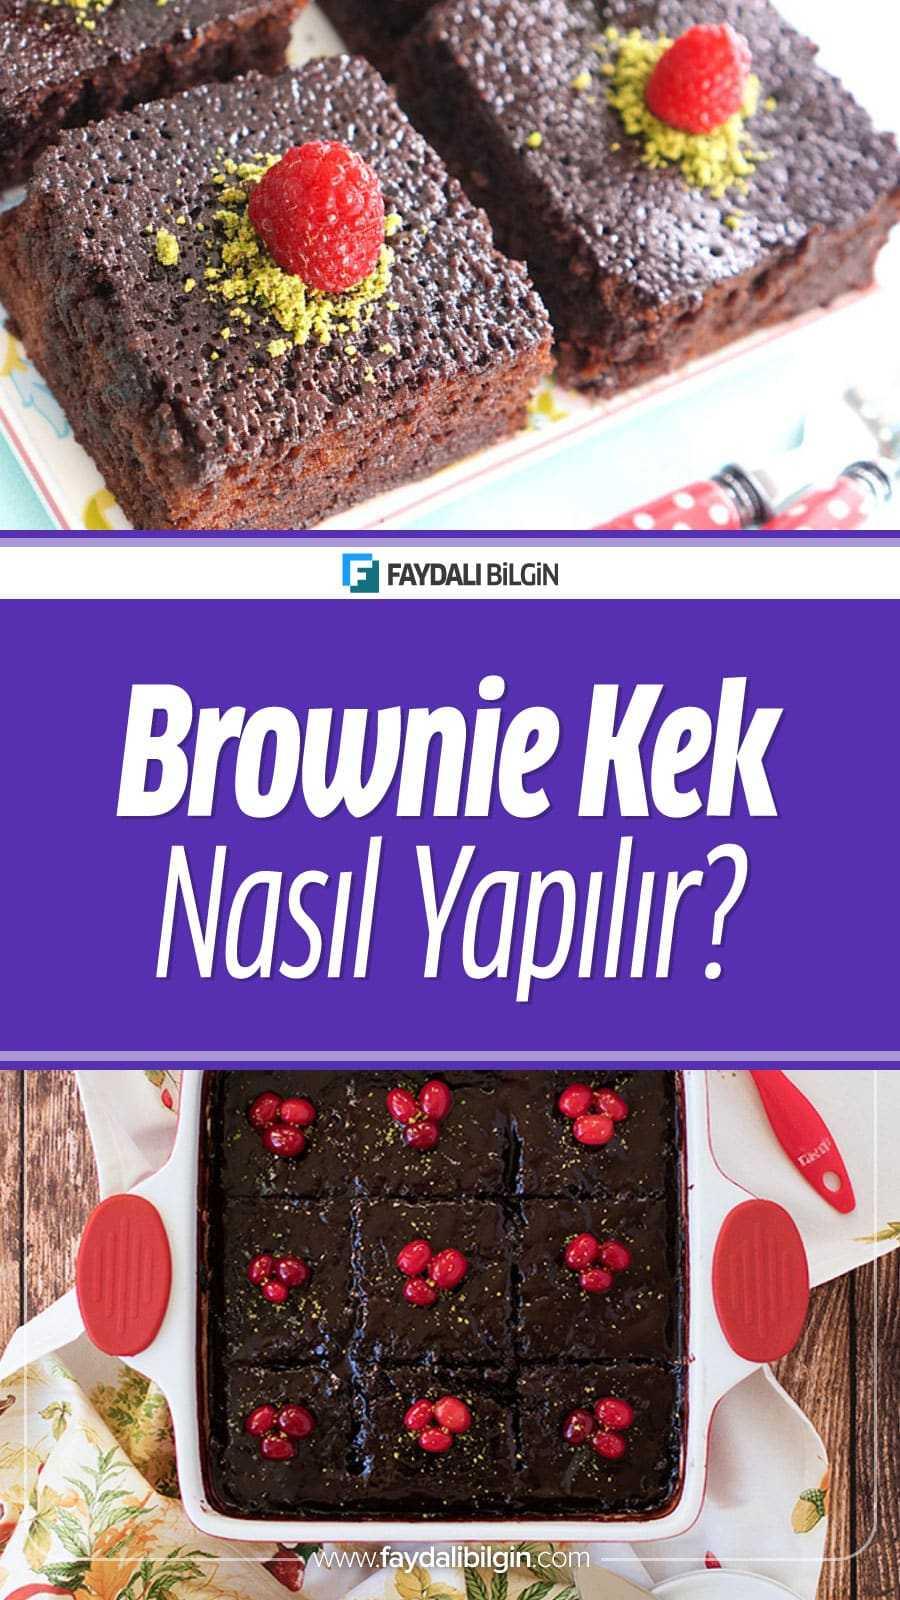 Nefis Yemek Tarifleri kanalındanBrownie Islak Kek Tarifi. Bu videoda sosunda çiğ yumurta olmayan ıslak kek tarifi nasıl yapılır kısaca anlatmaya çalıştık. #brownie #browniekek  #islakkek  #kek #kektarifi  #kektarifleri  #cake #cakes #cakerecipe #recipe #recipes